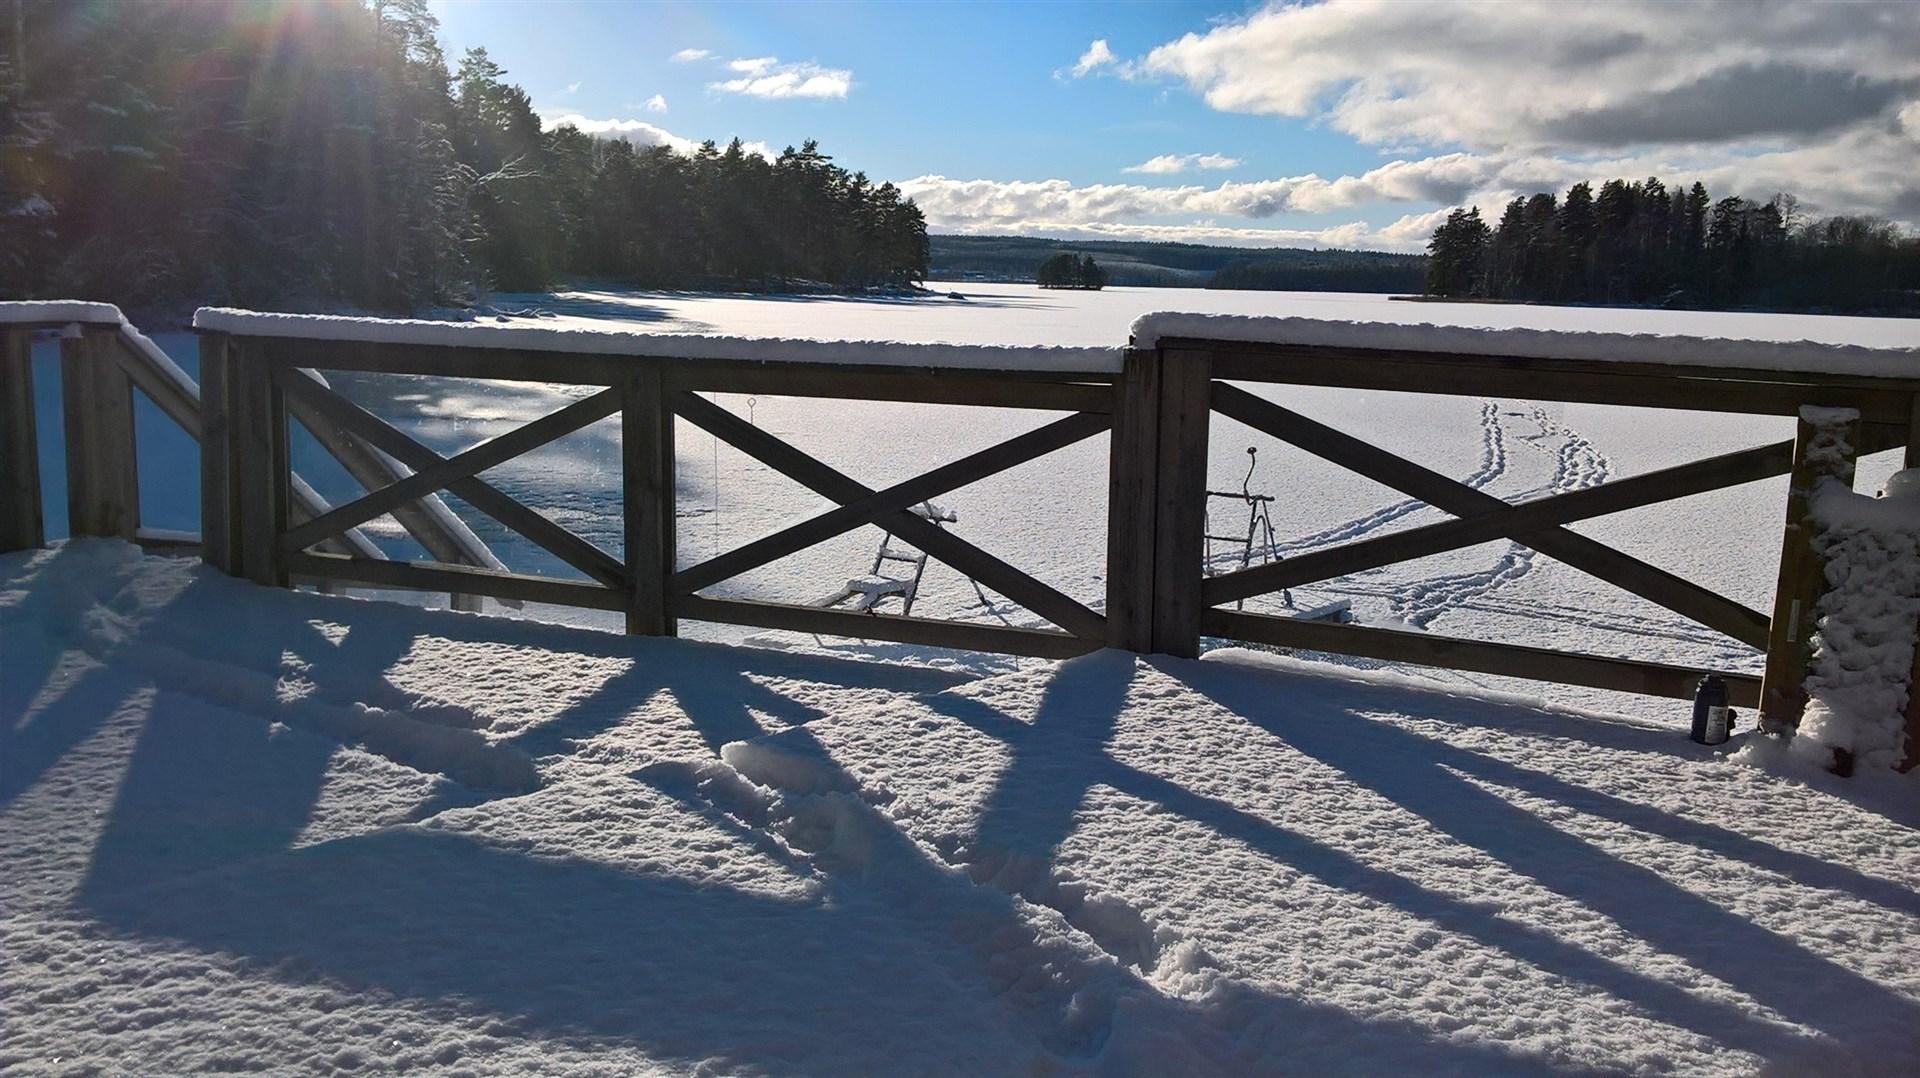 Utsikt från sjöstugedäcket vintertid